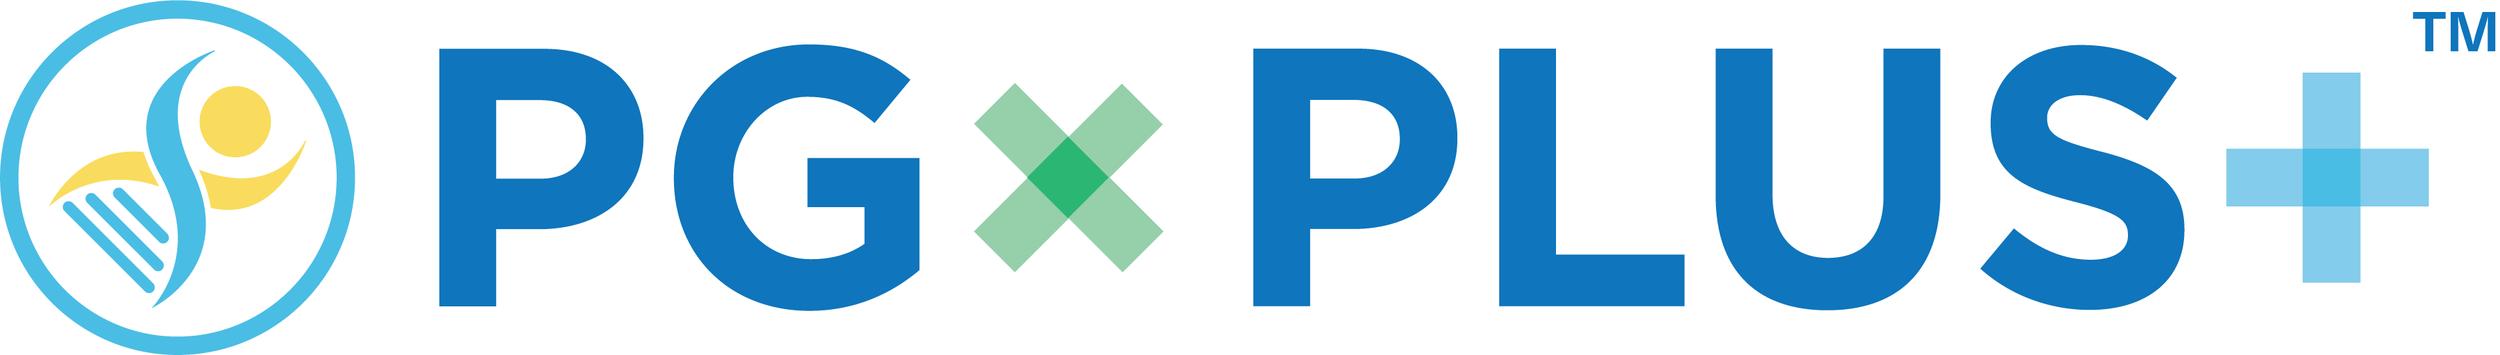 pgxplus logo.png